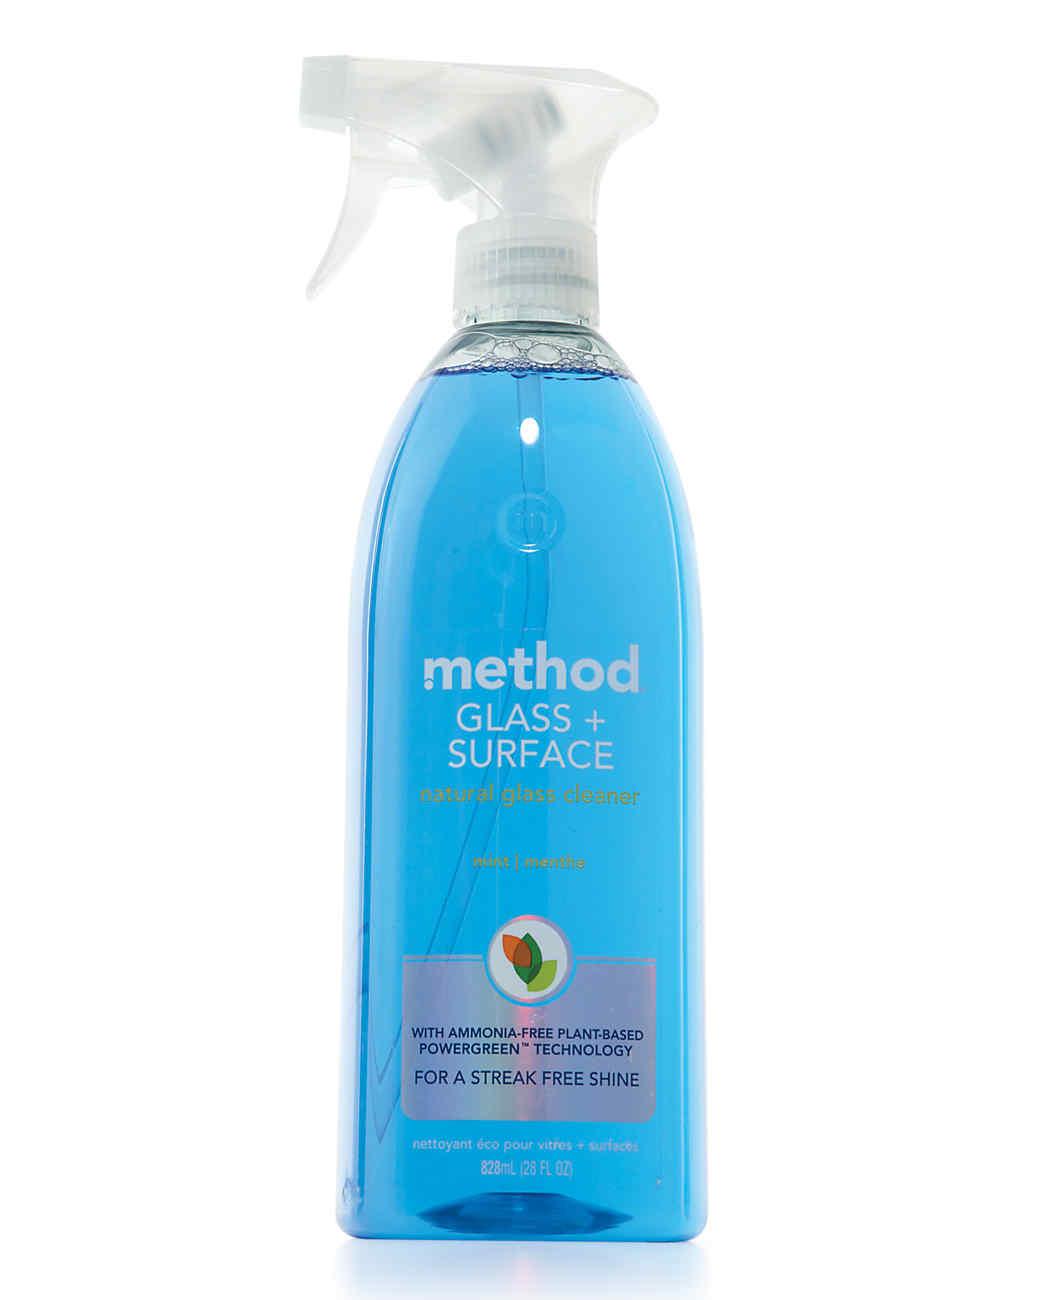 method-glass-cleaner-mld108211.jpg